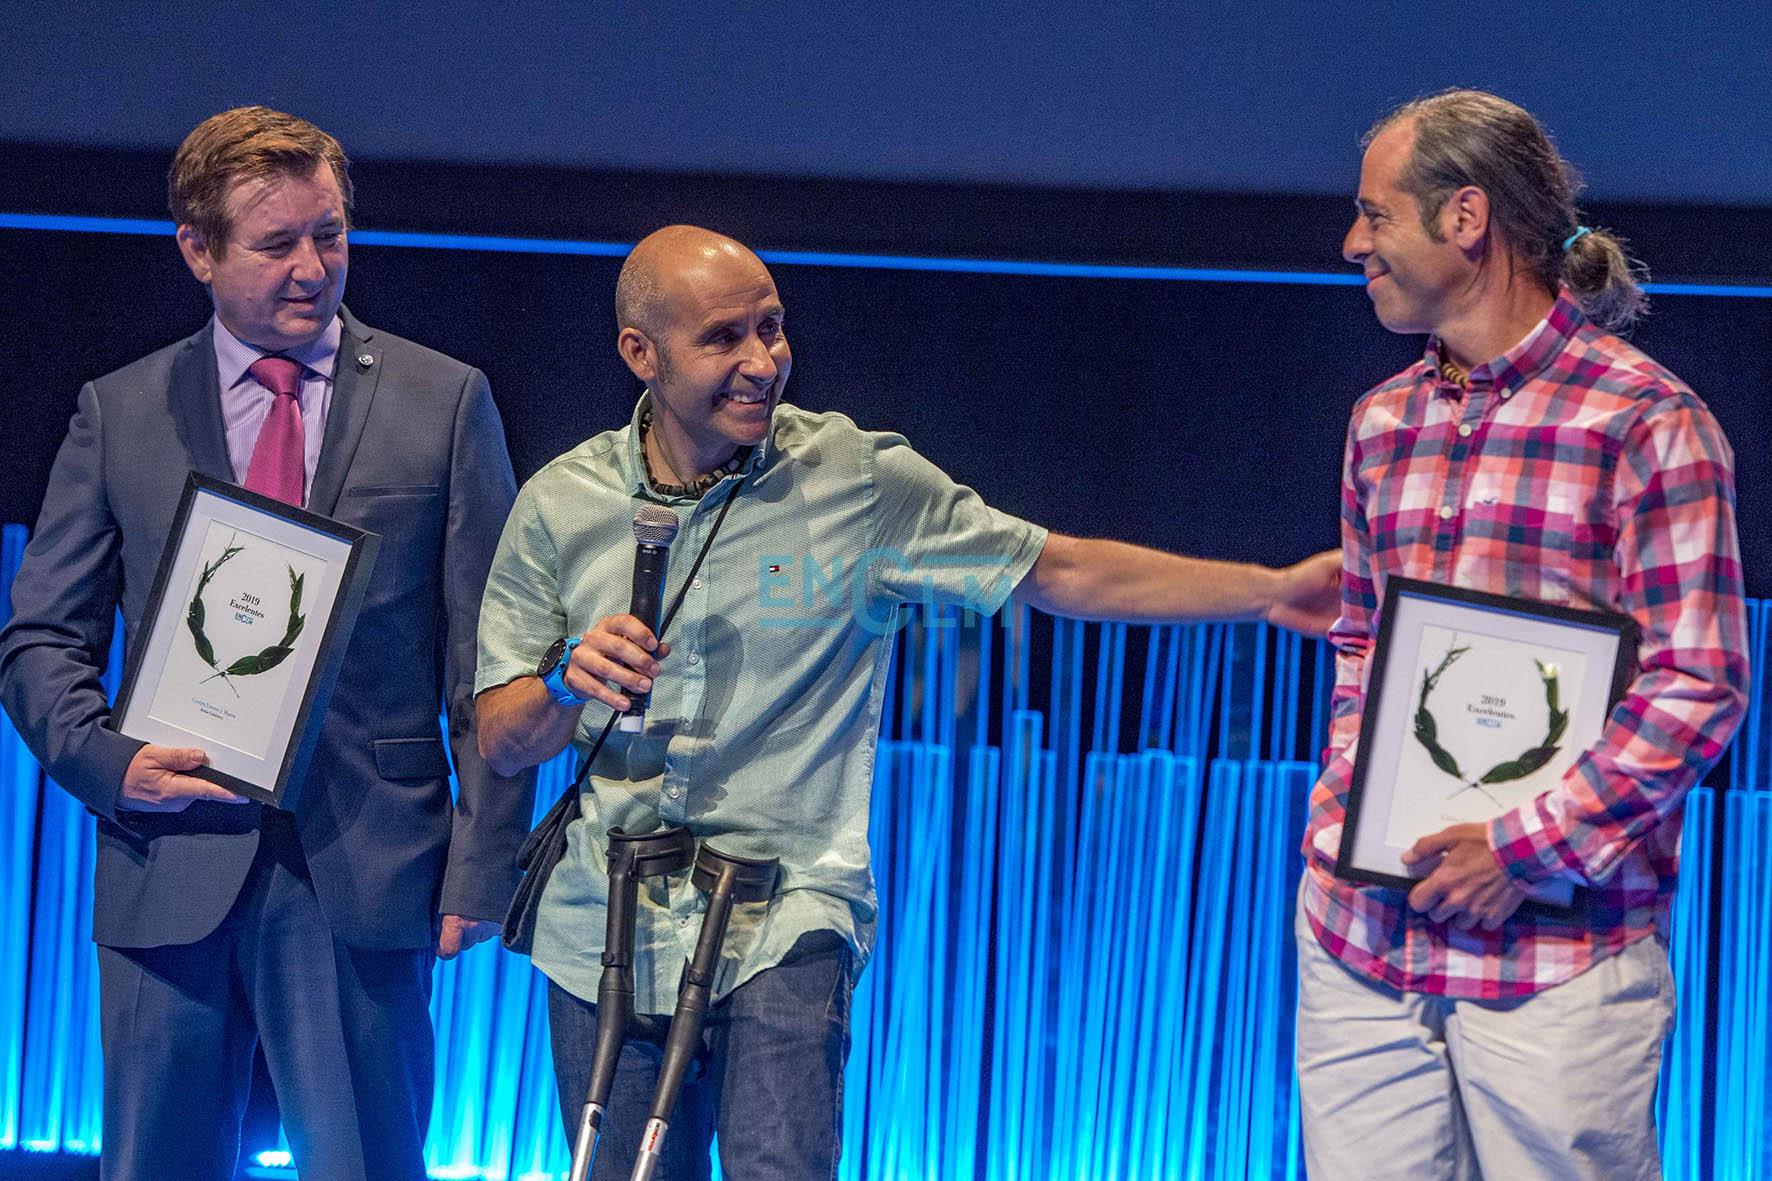 Jesús Gutiérrez y Pedro Cifuentes junto con Ángel Cantón, de Comunitelia, empresa patrocinadora del premio.